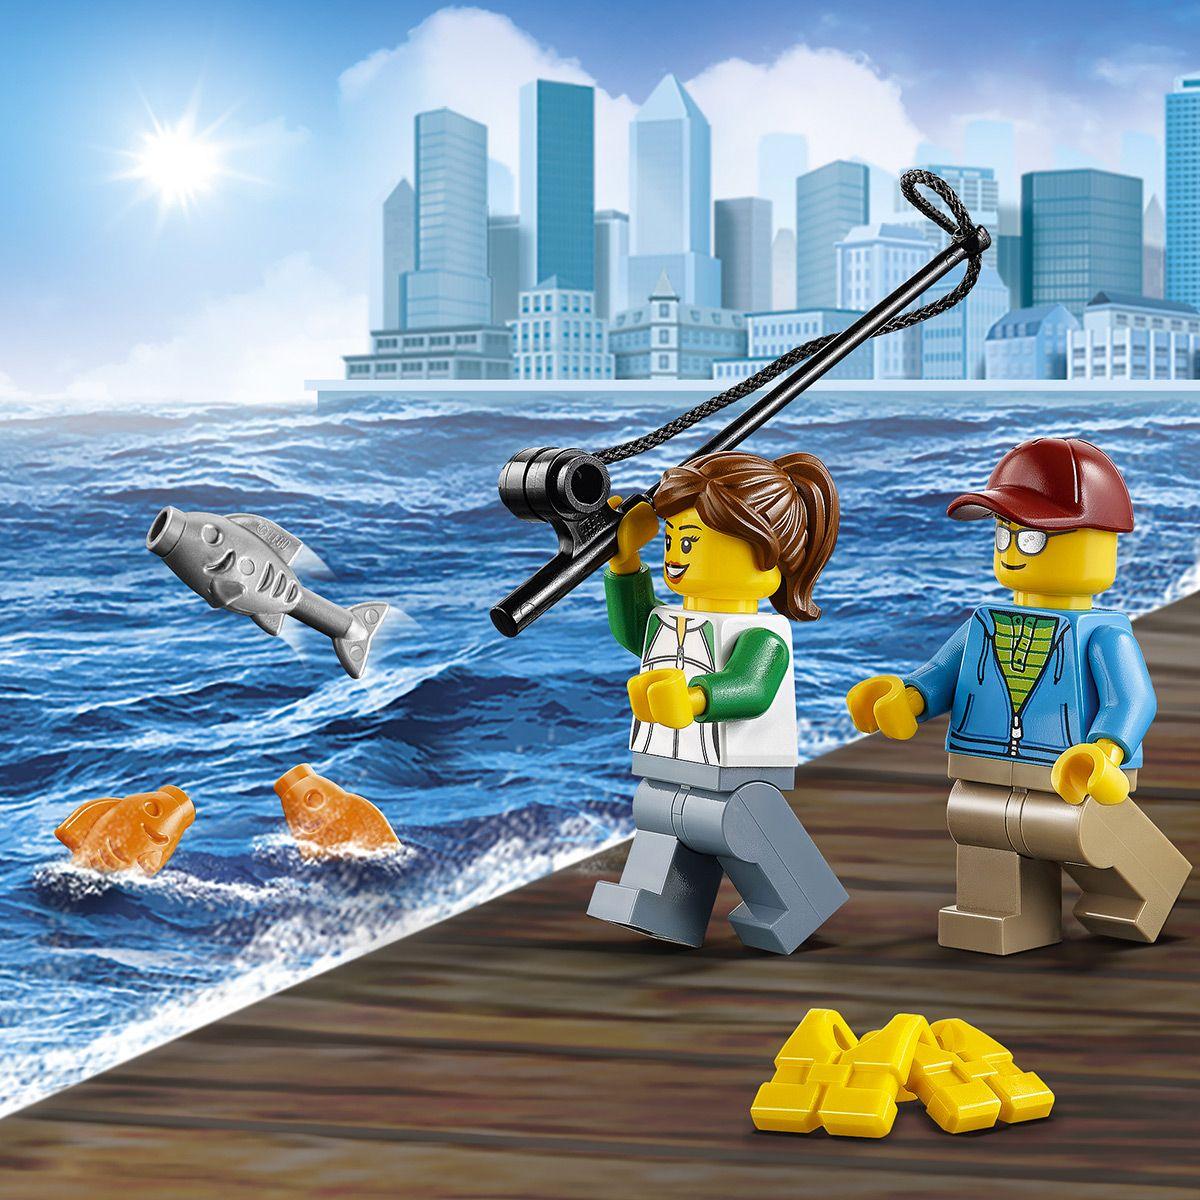 Aventures Lego® Pêche Grande Le Et La City De Sport Bateau 60147 ZPOXNwk8n0